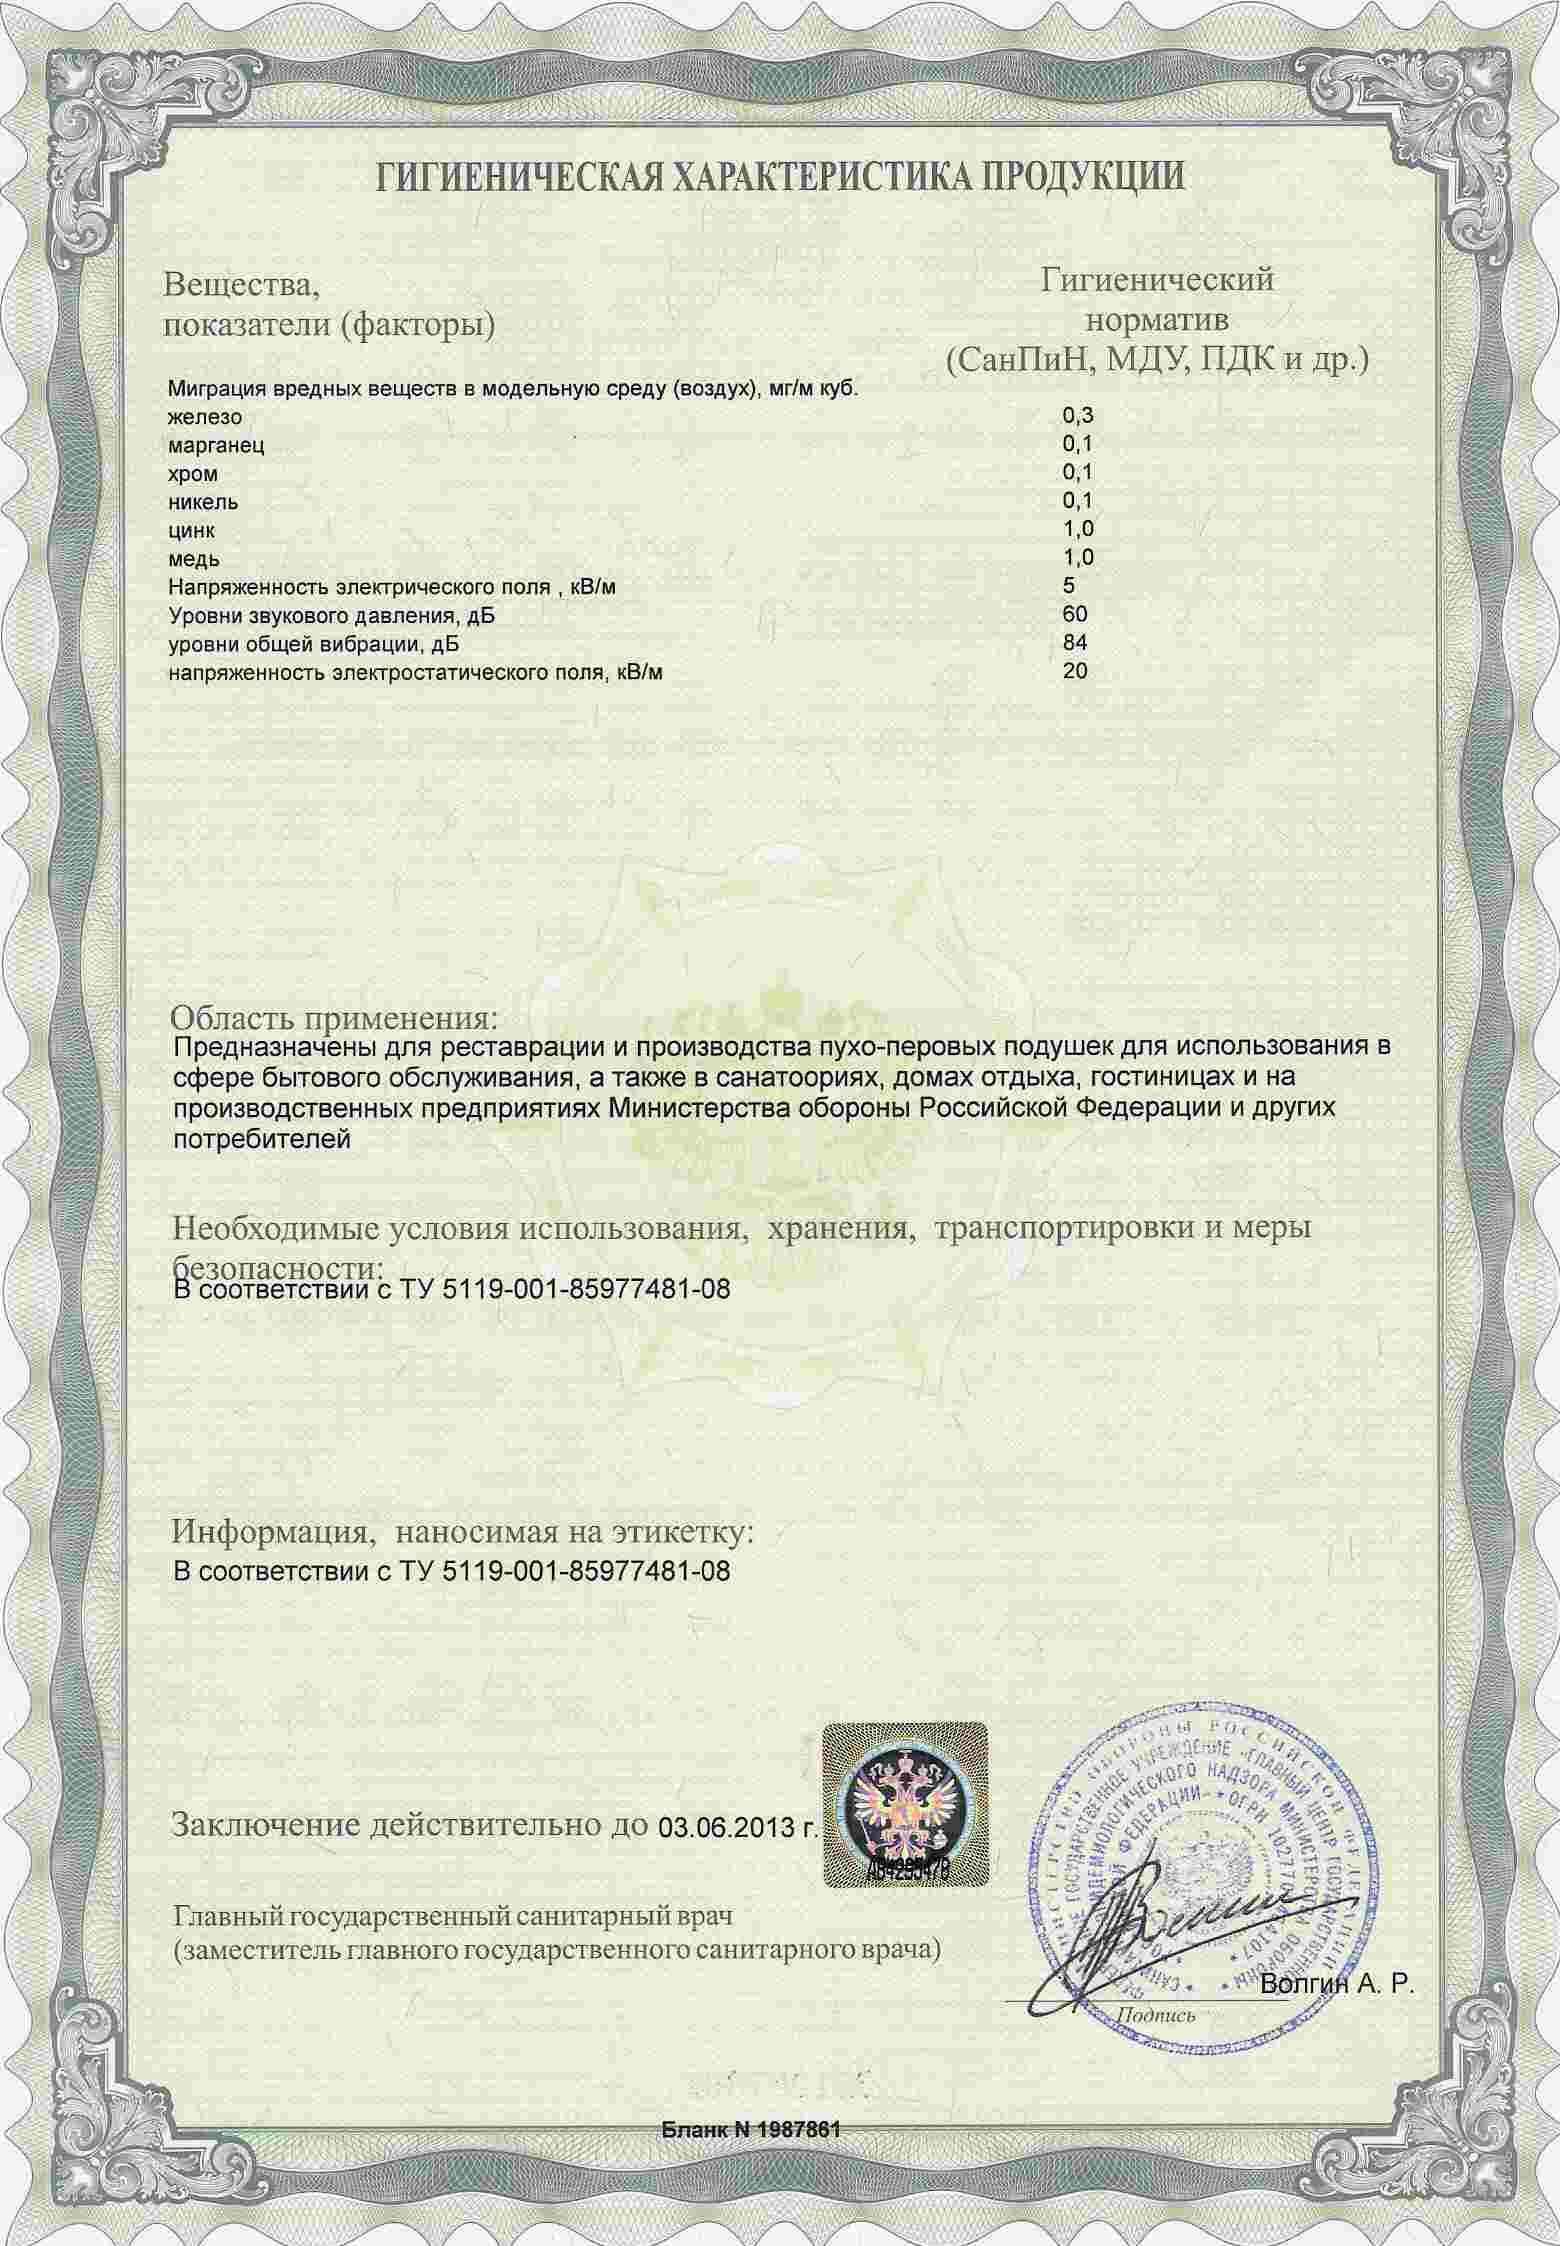 Сертификация пухо-перовых изделий сертификация оборудования кремлевская диета